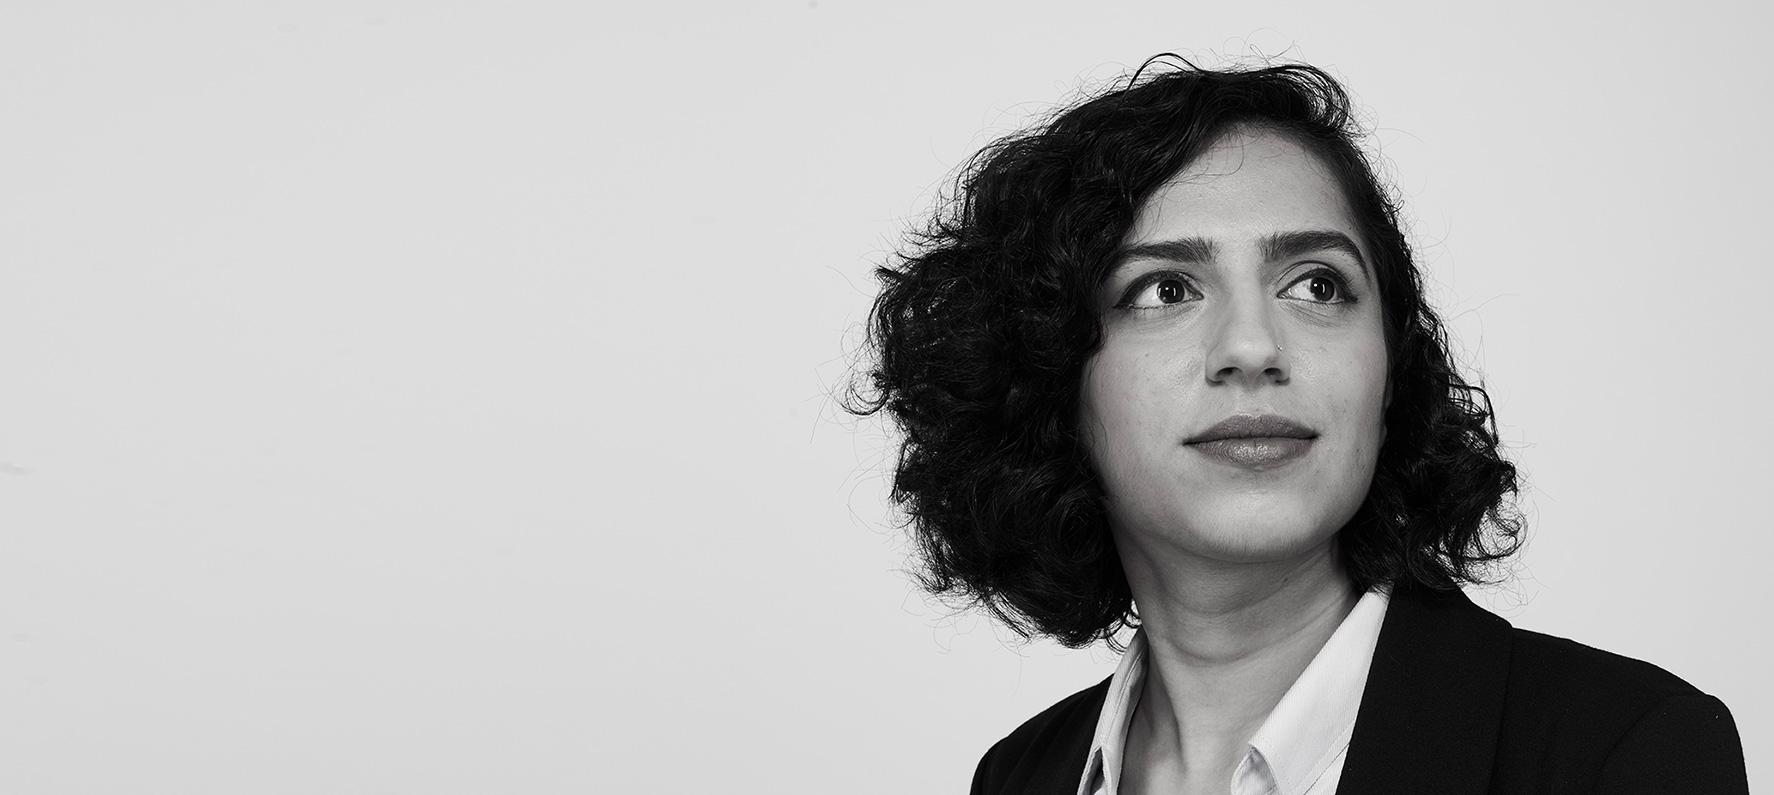 Sahana Keshav